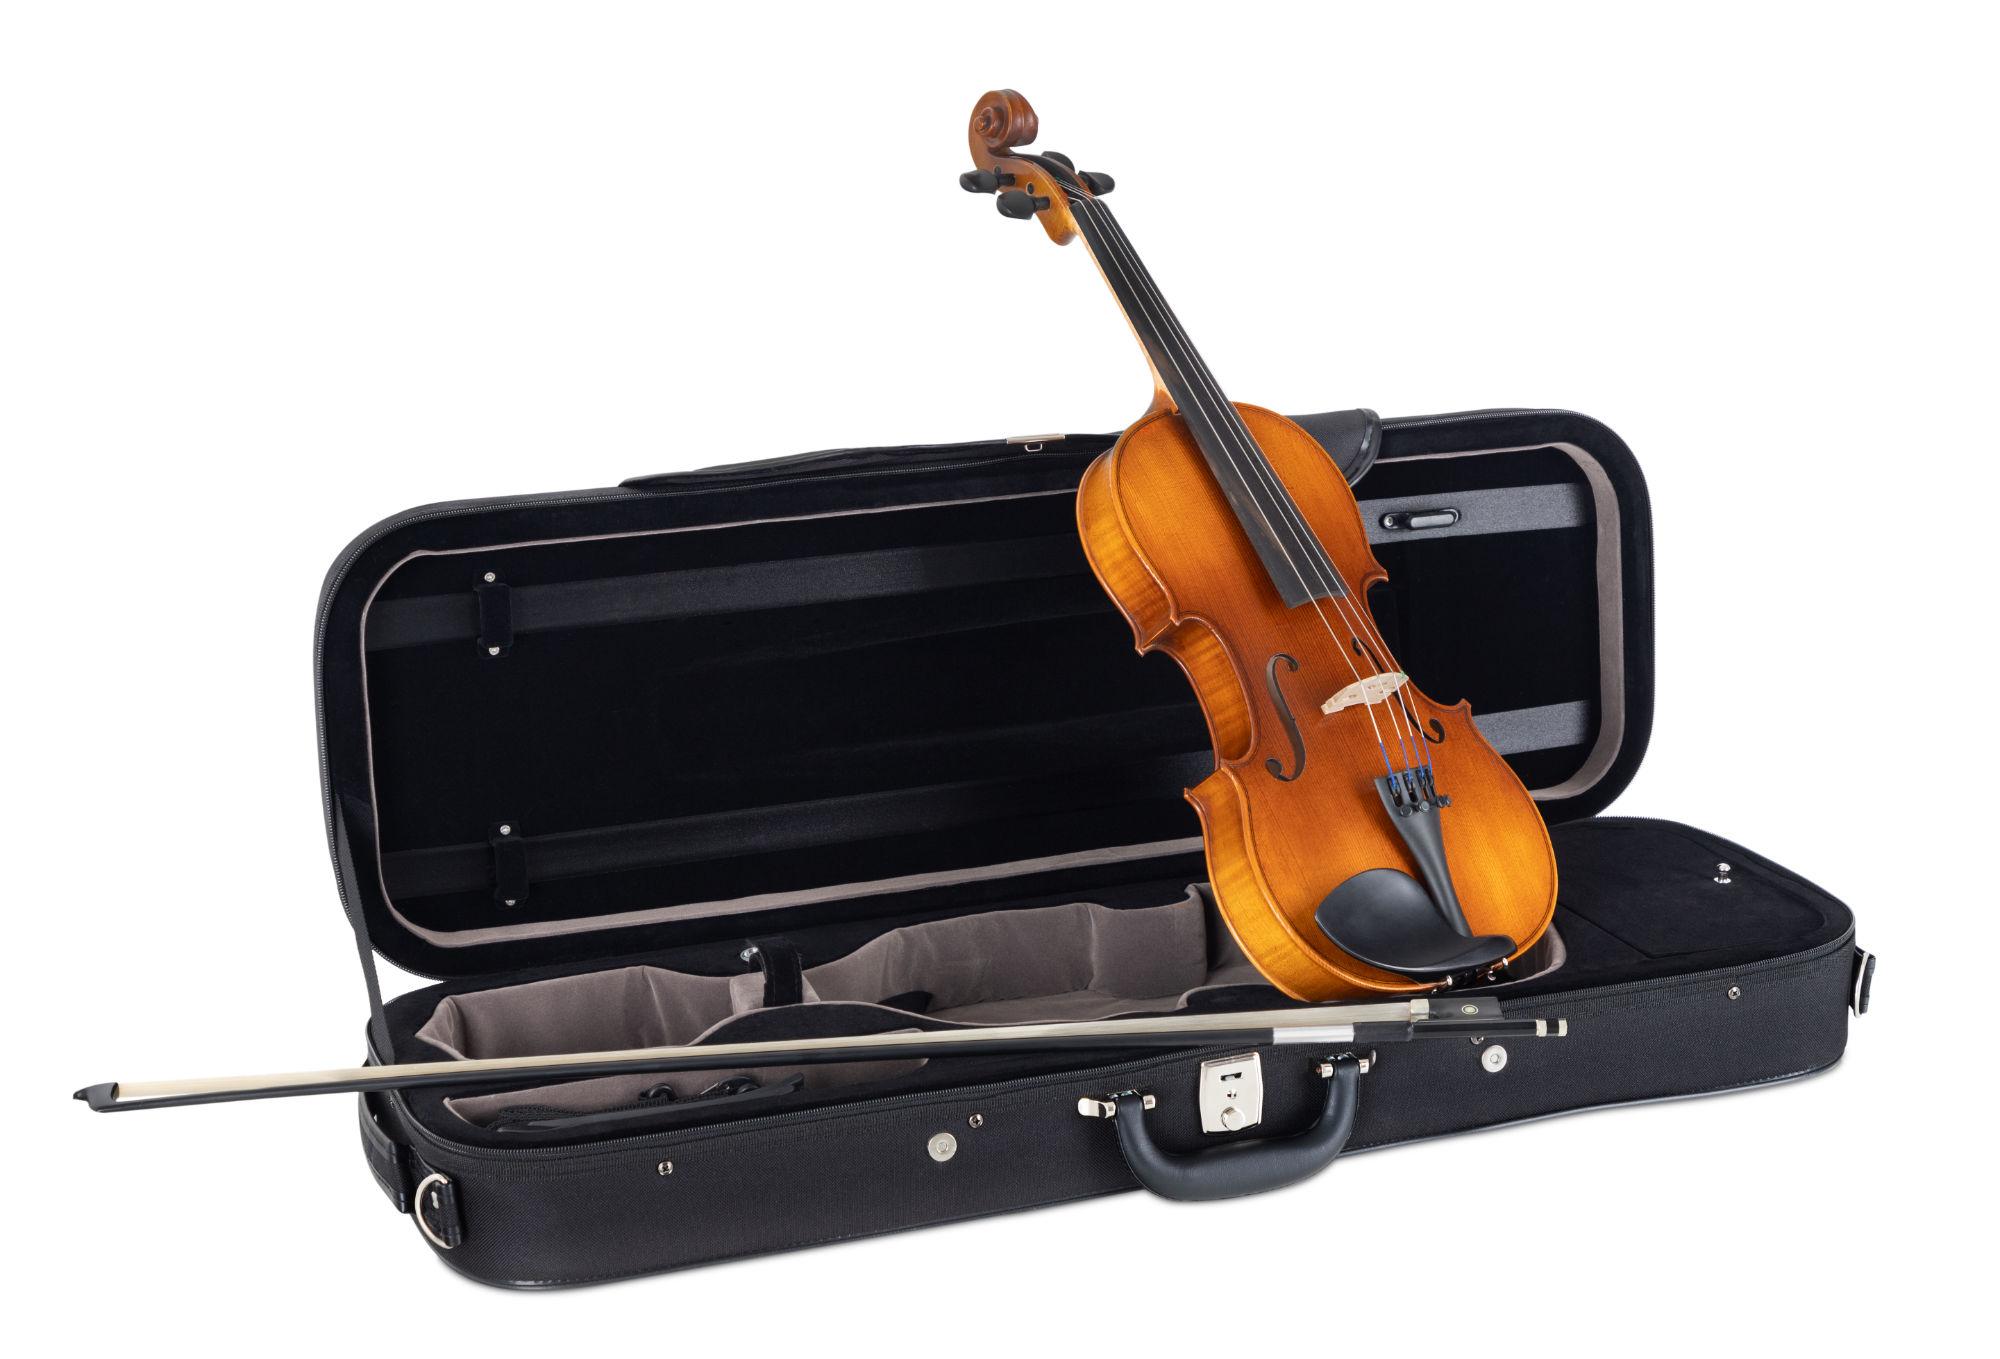 Violinen - Höfner H9 V Allegro 4|4 Violingarnitur - Onlineshop Musikhaus Kirstein